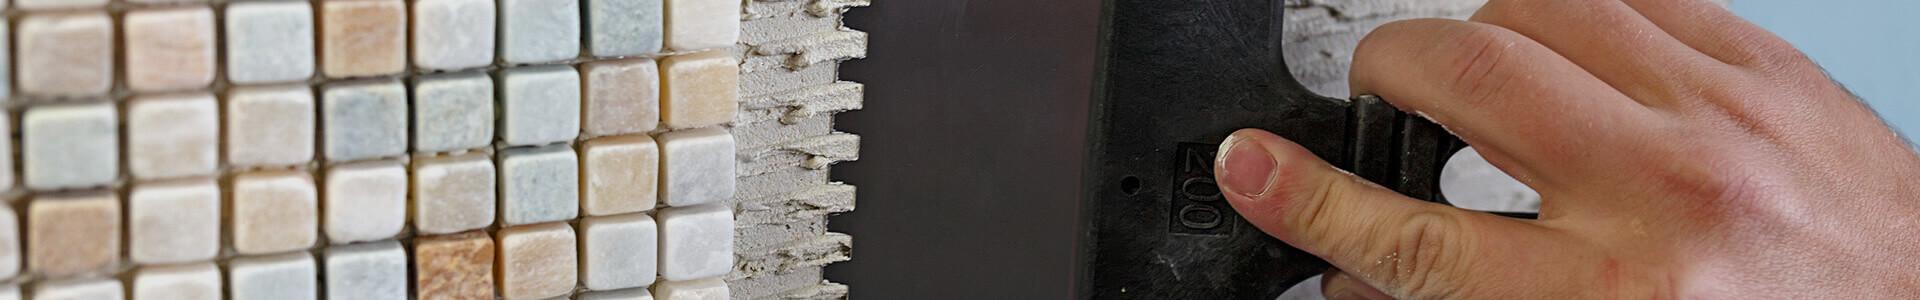 ANLEITUNG Fliesen überspachteln Schritt Für Schritt Erklärt - Fliesen überspachteln und streichen